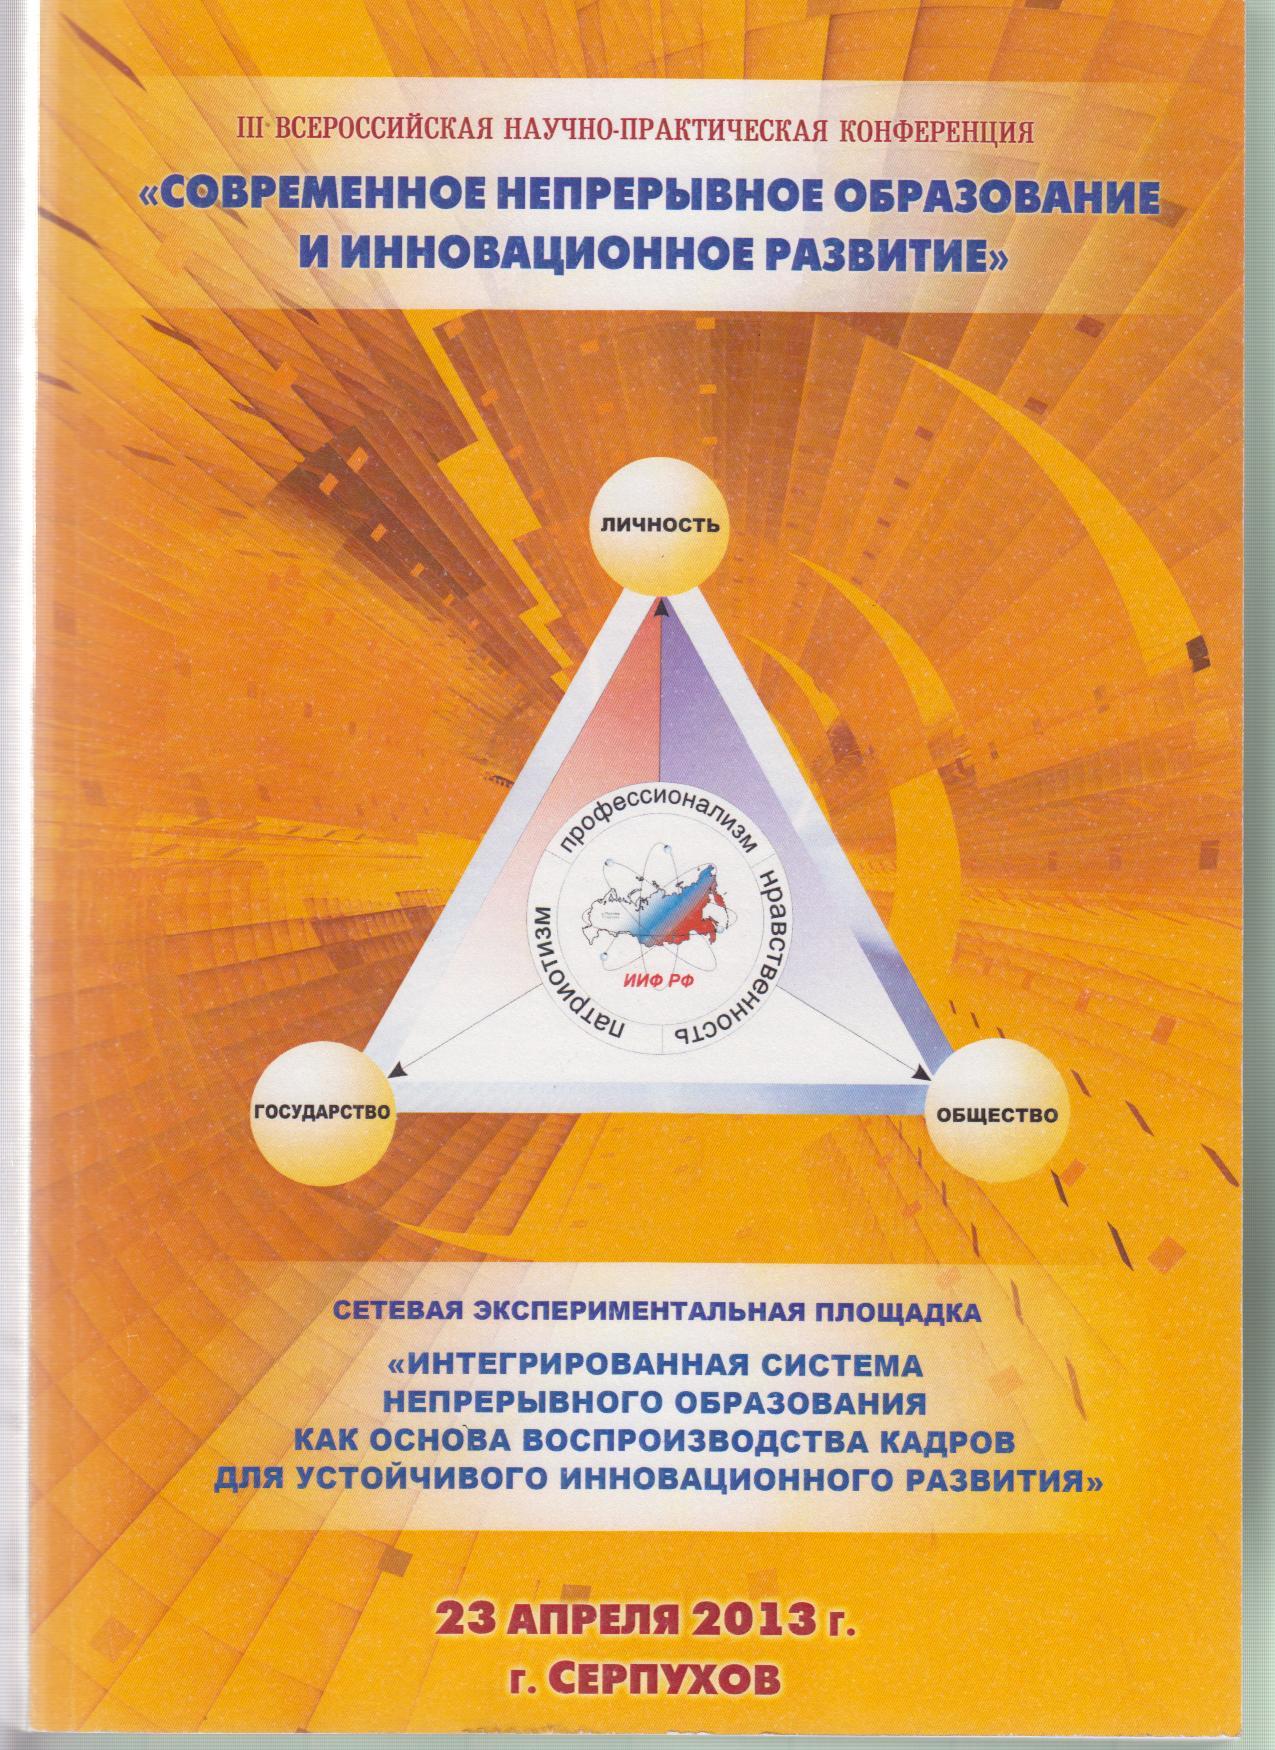 Специализация «Аутсорсинг информационных технологий» магистерской программы «Бизнес-информатика» Национального исследовательского университета «Высшая школа экономики»